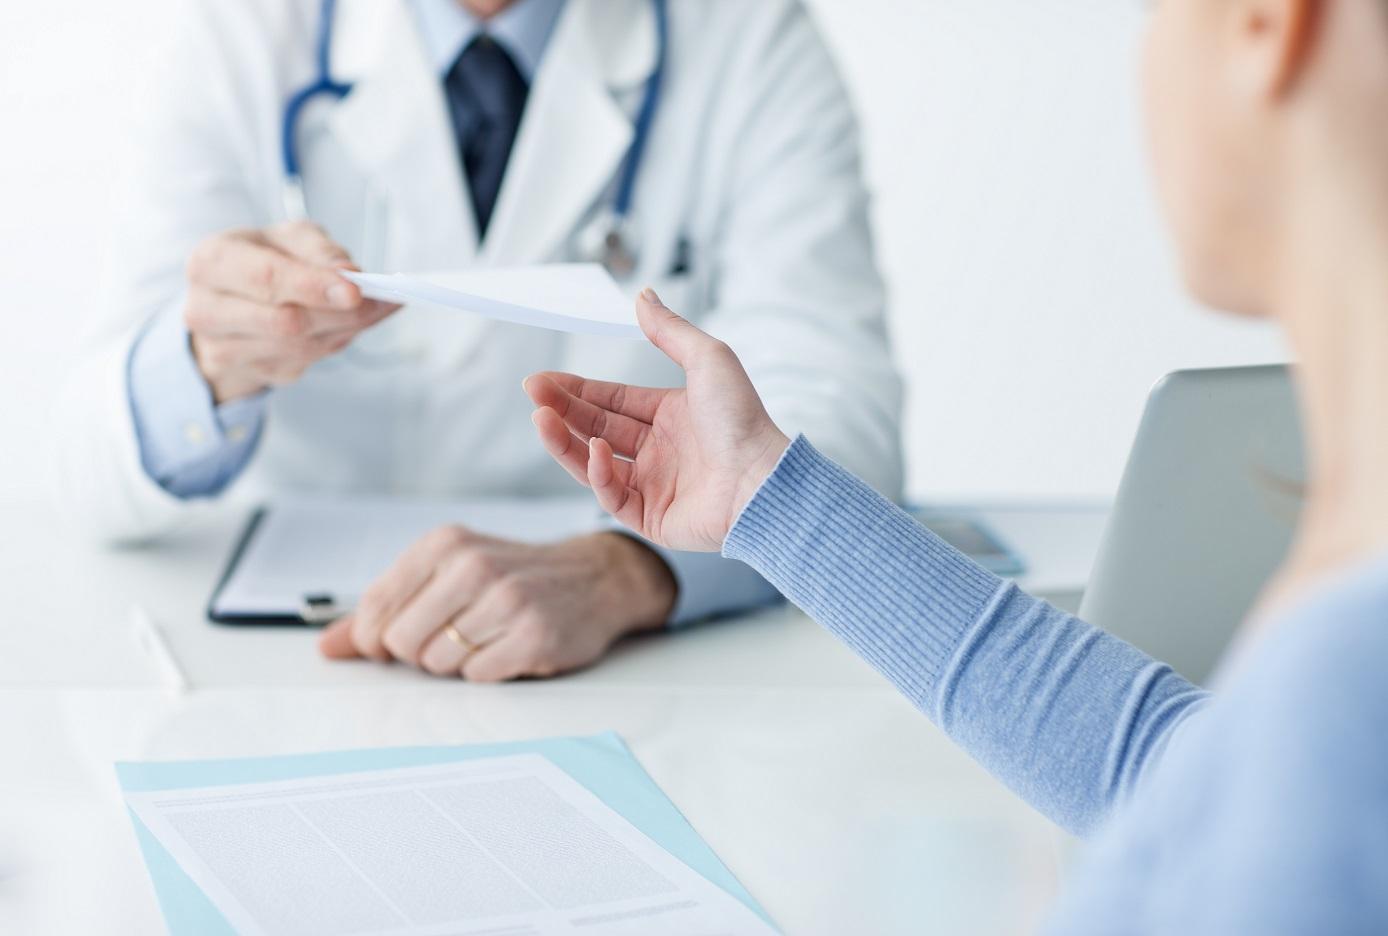 Психиатры прогнозируют тяжелейшие последствия пандемии для психического здоровья